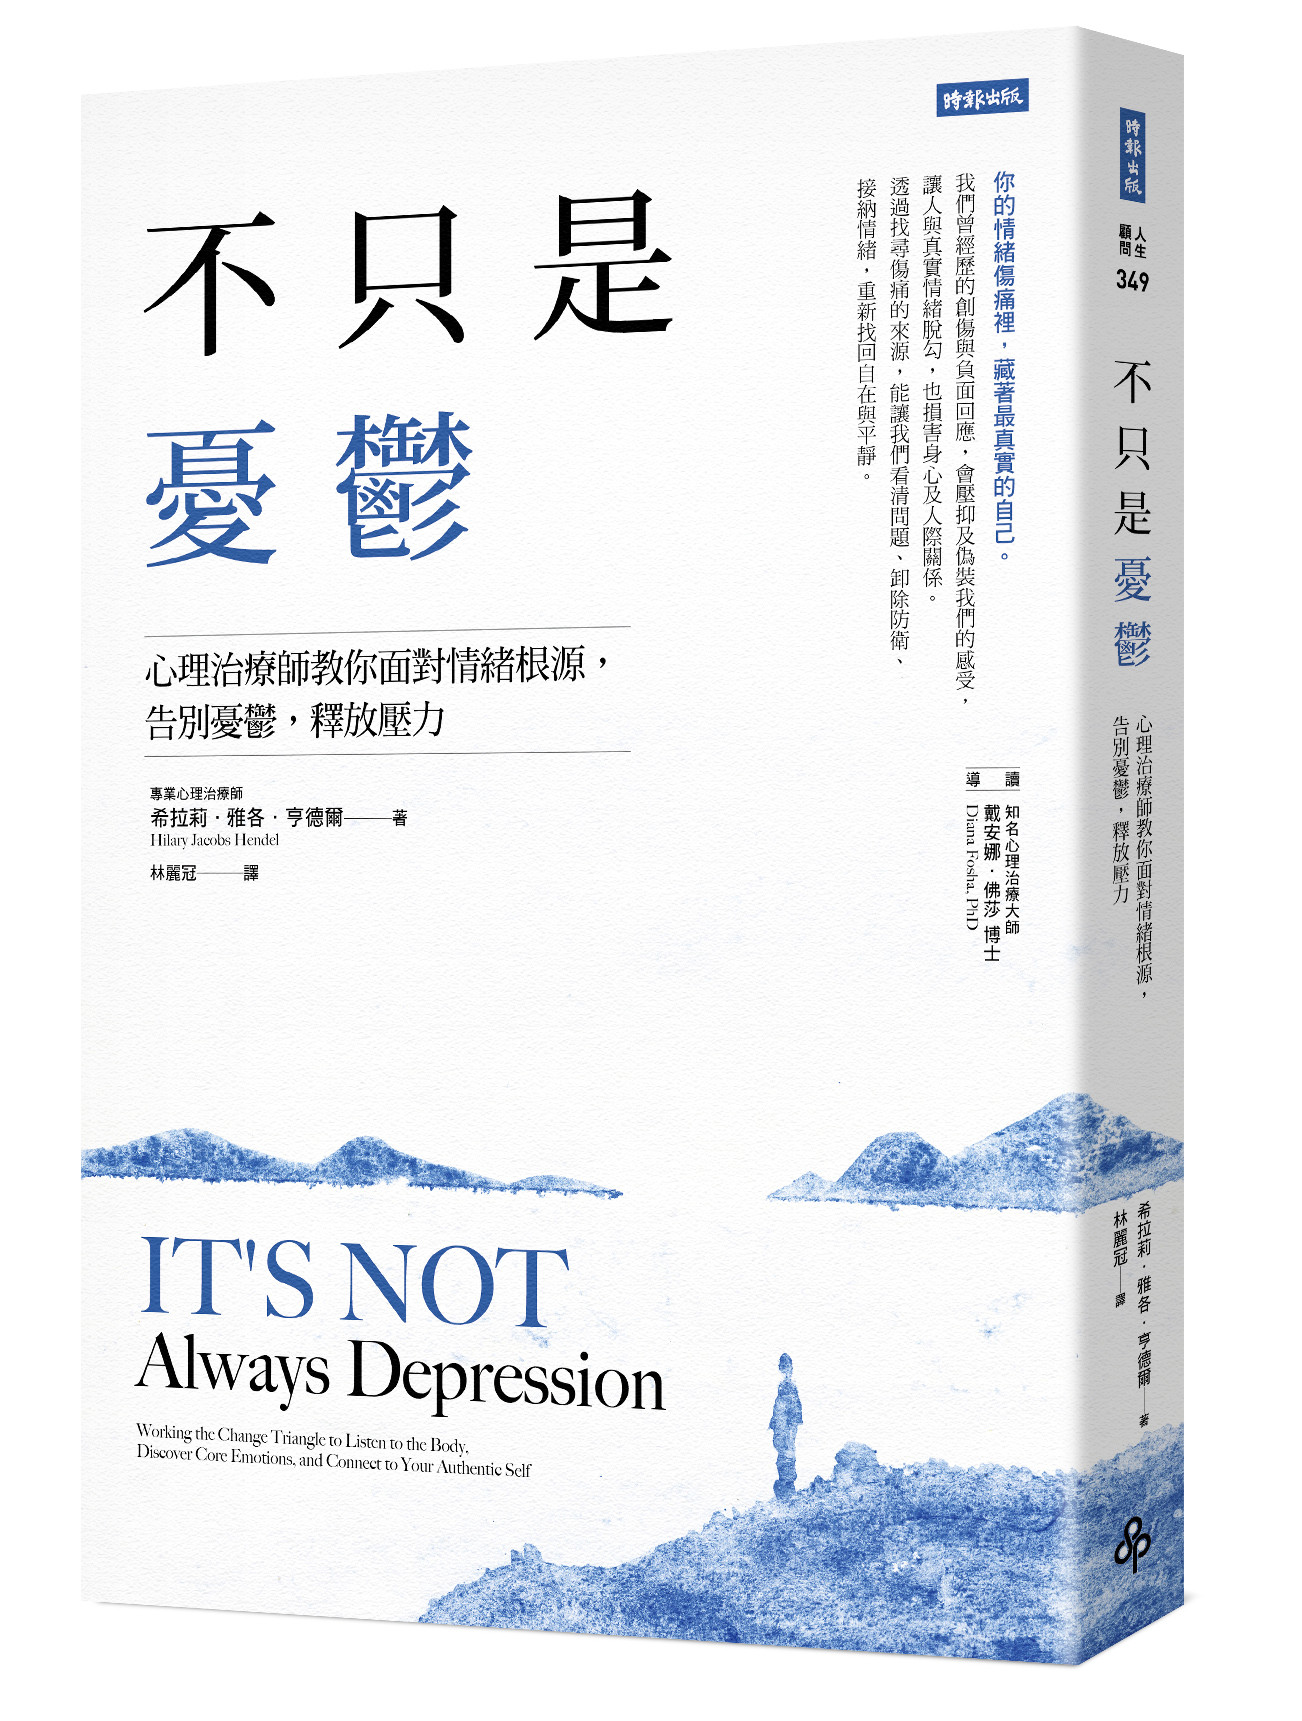 ▲《不只是憂鬱:心理治療師教你面對情緒根源,告別憂鬱,釋放壓力》。(圖/時報出版提供,請勿隨意翻拍,以免侵權。)